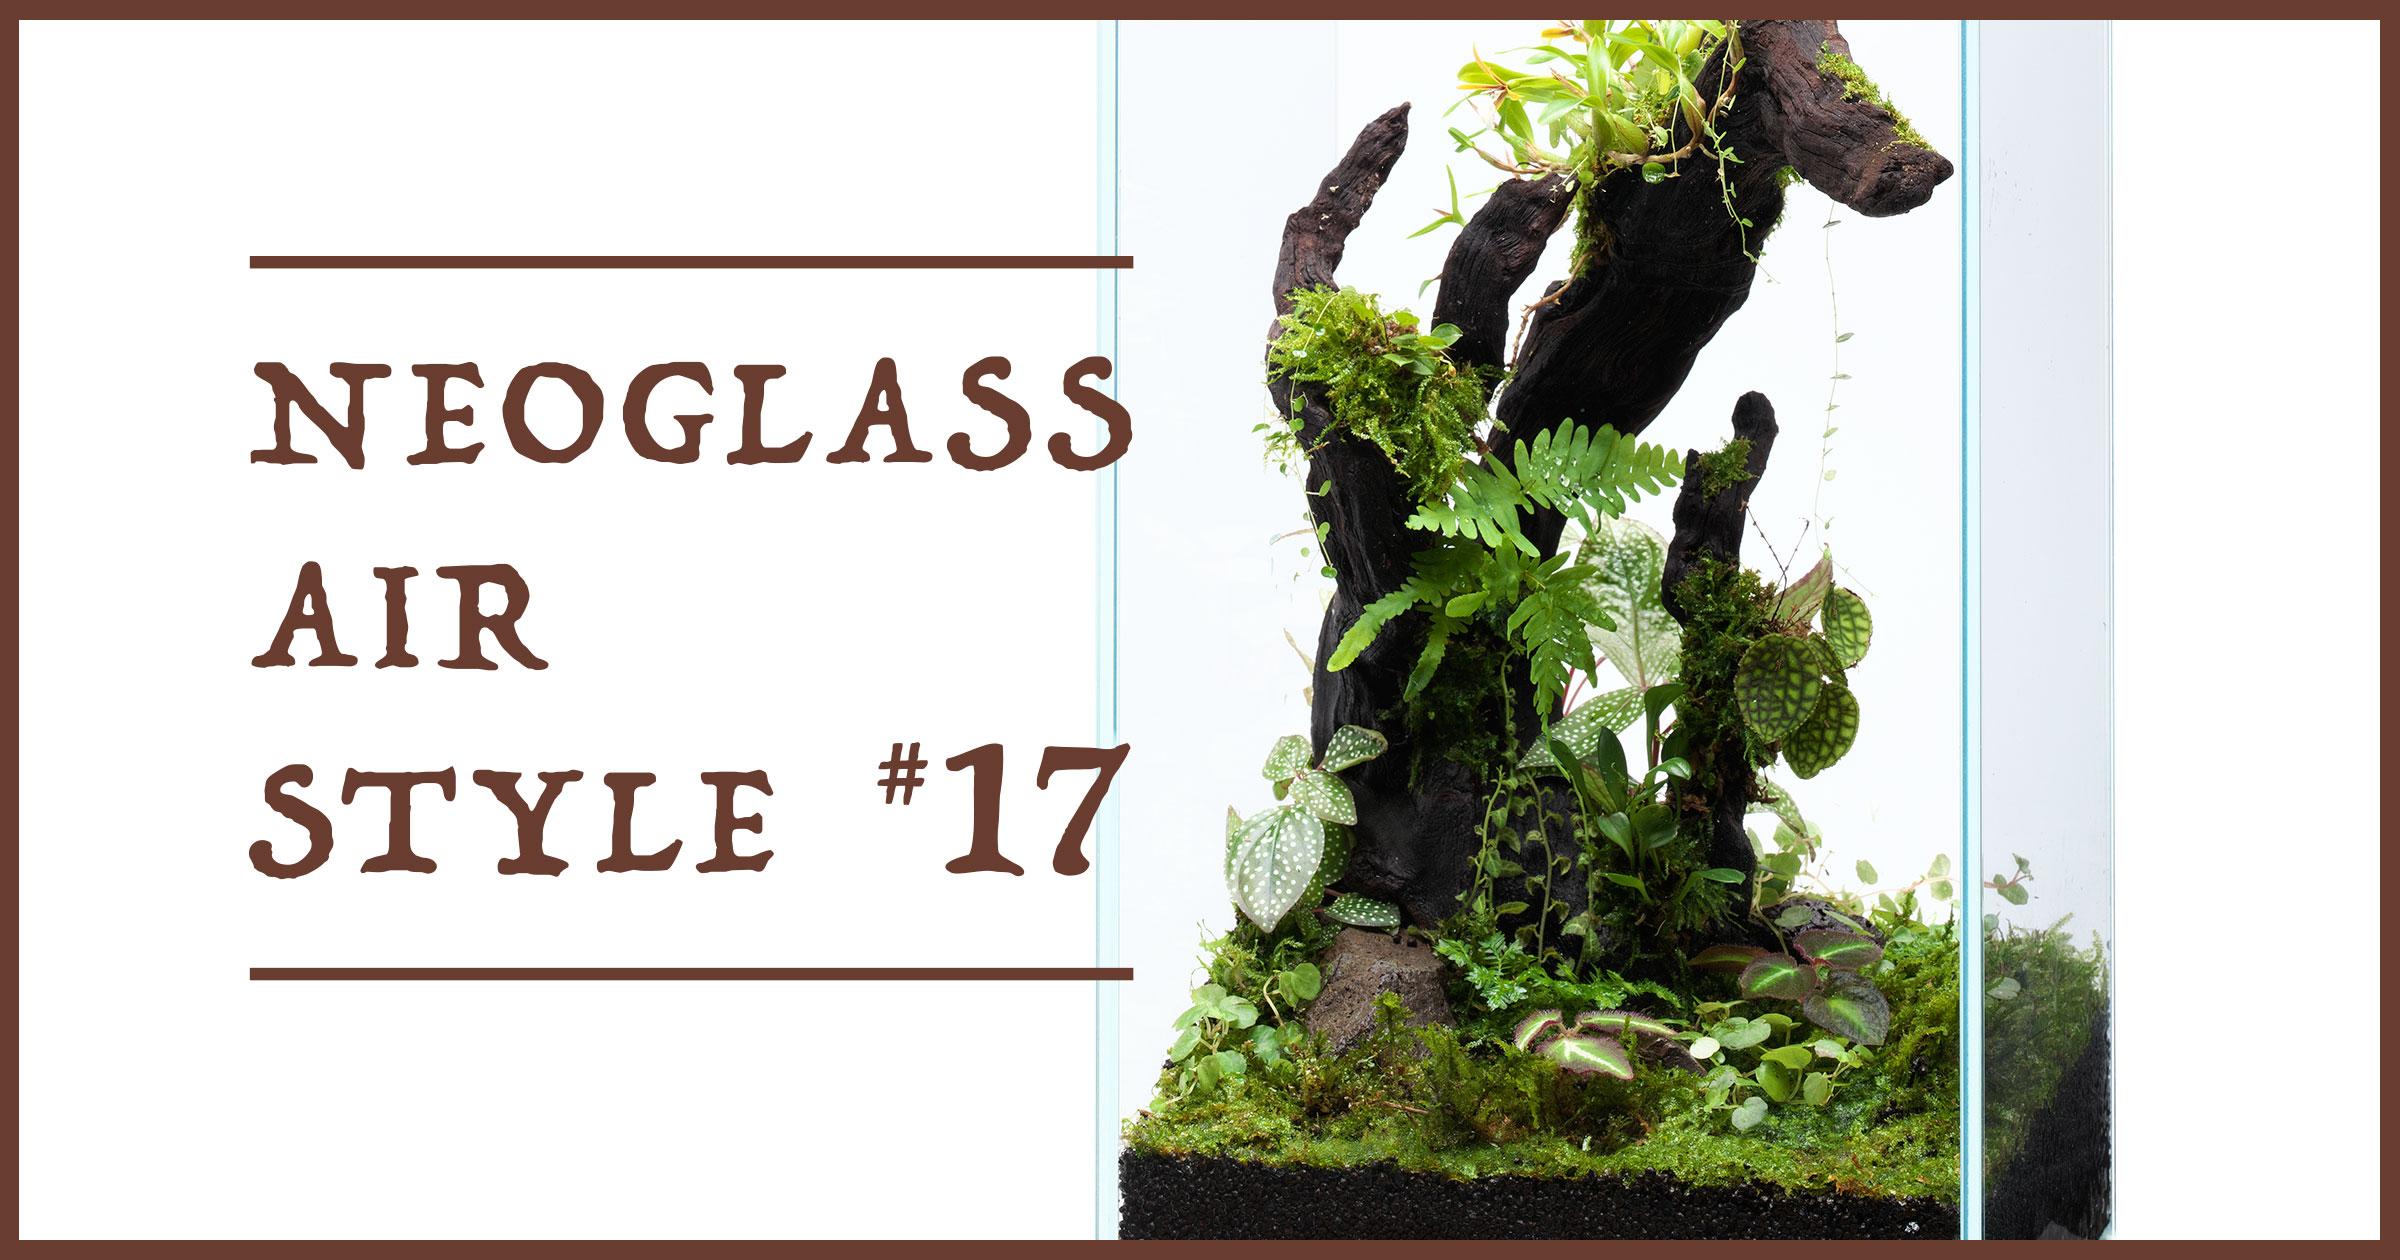 ネオグラス エア スタイル 「ジャングルプランツの躍動を感じる」